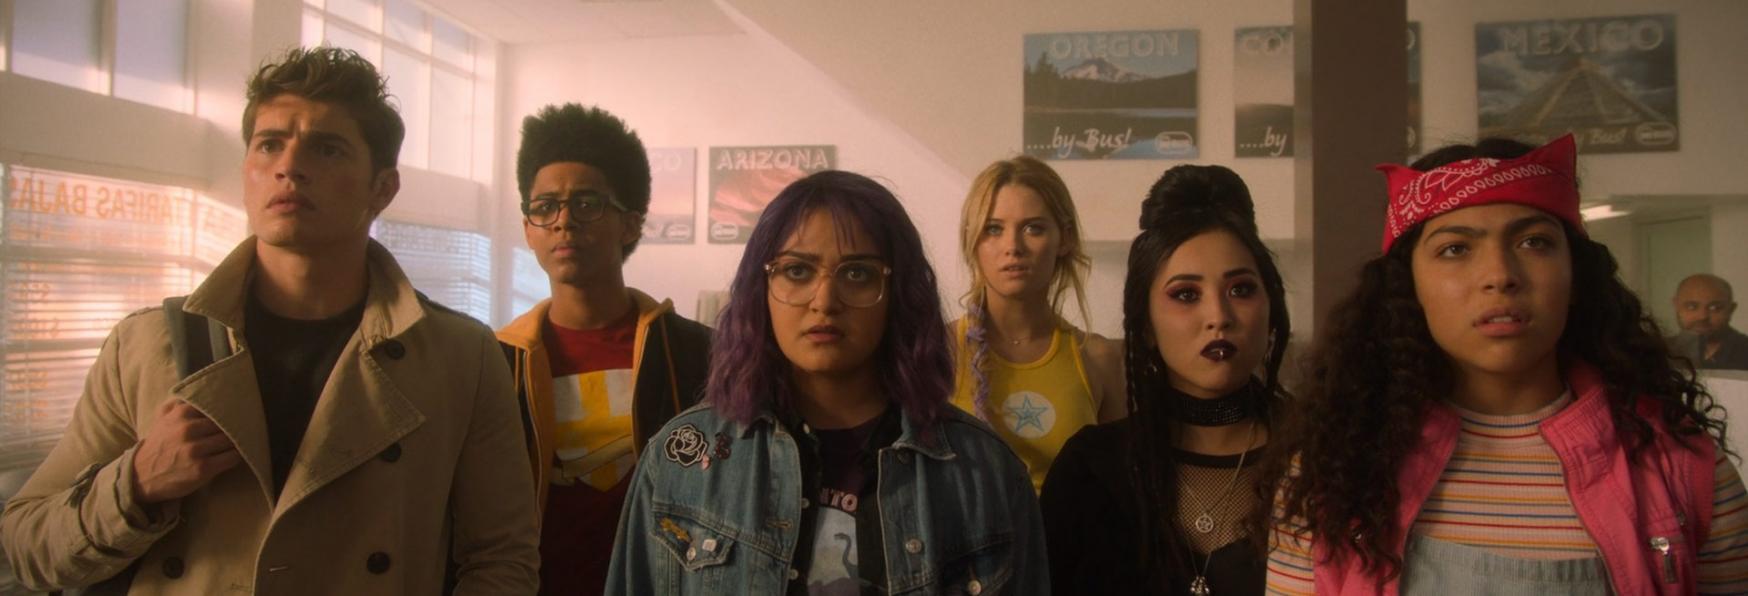 Runaways: Hulu ha svelato il nuovo Teaser Trailer della Serie TV Marvel